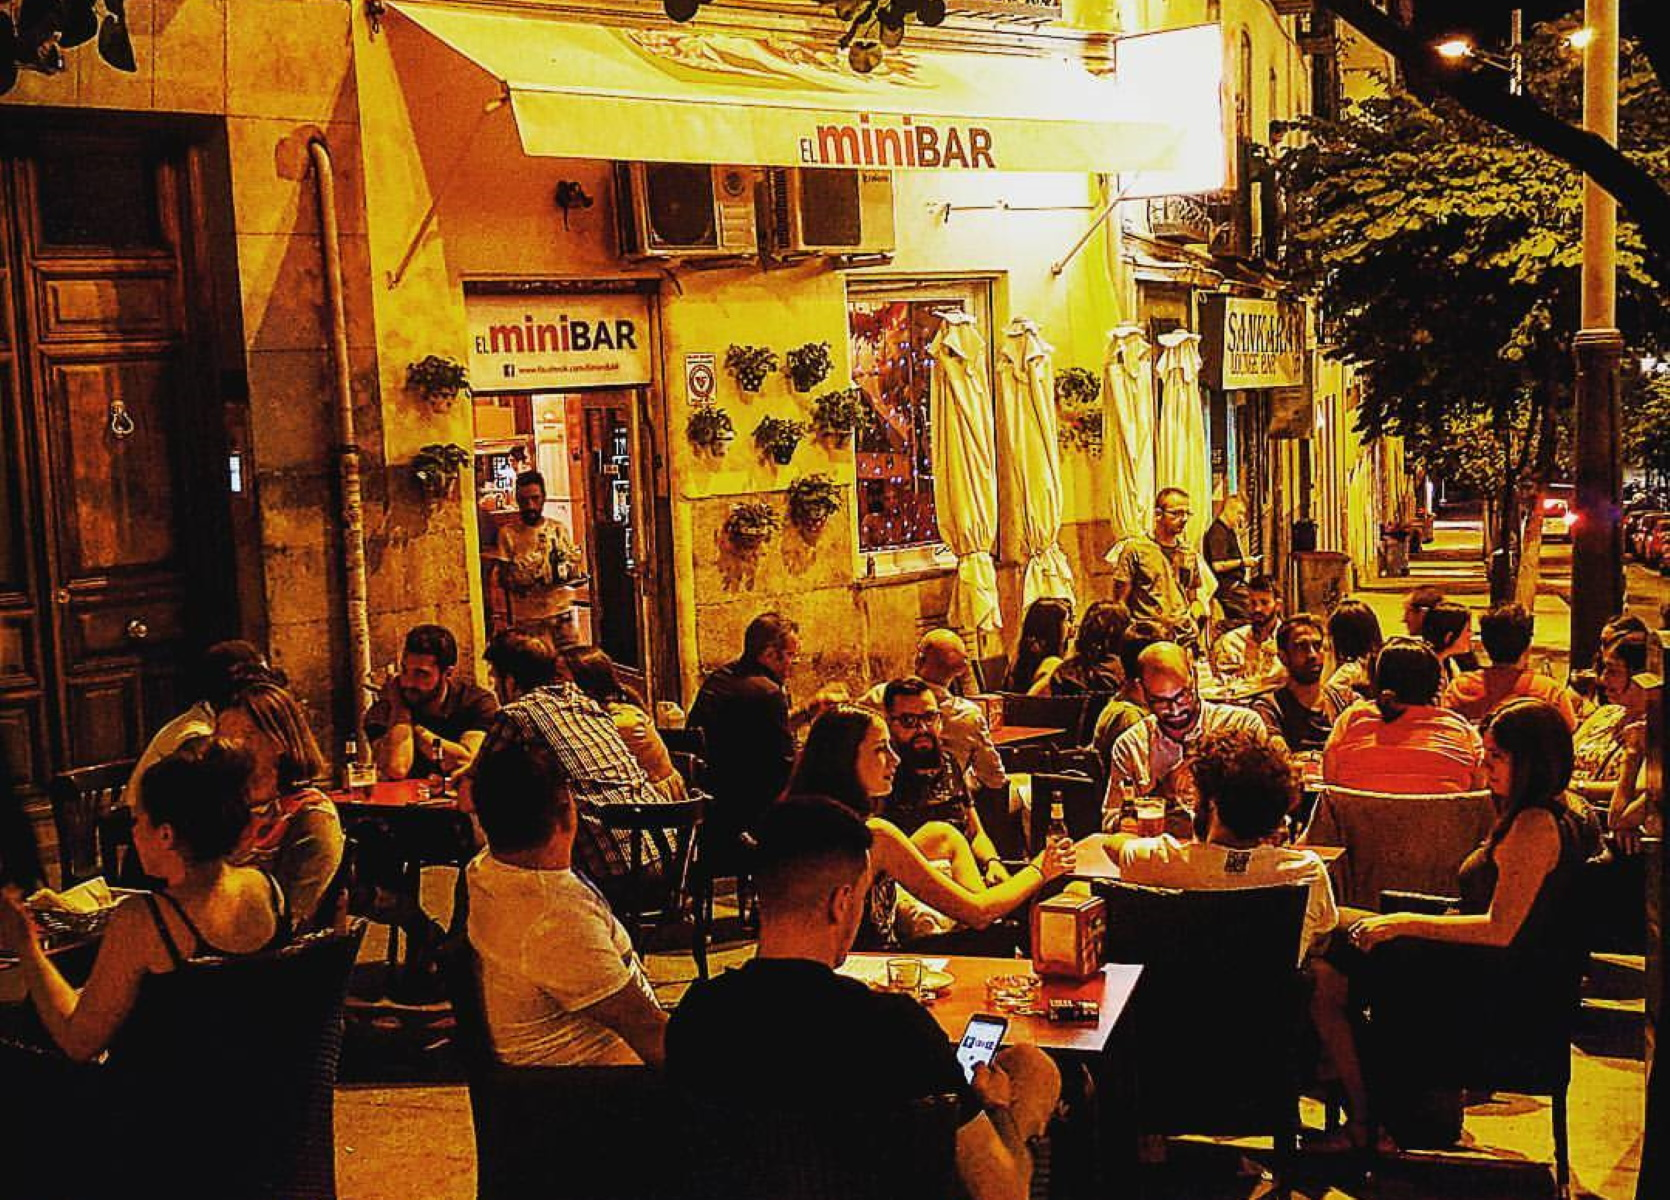 """Κορονοϊός: """"Προπληρώστε για να σωθούμε"""" ζητά μπαρ στη Μαδρίτη (video)"""